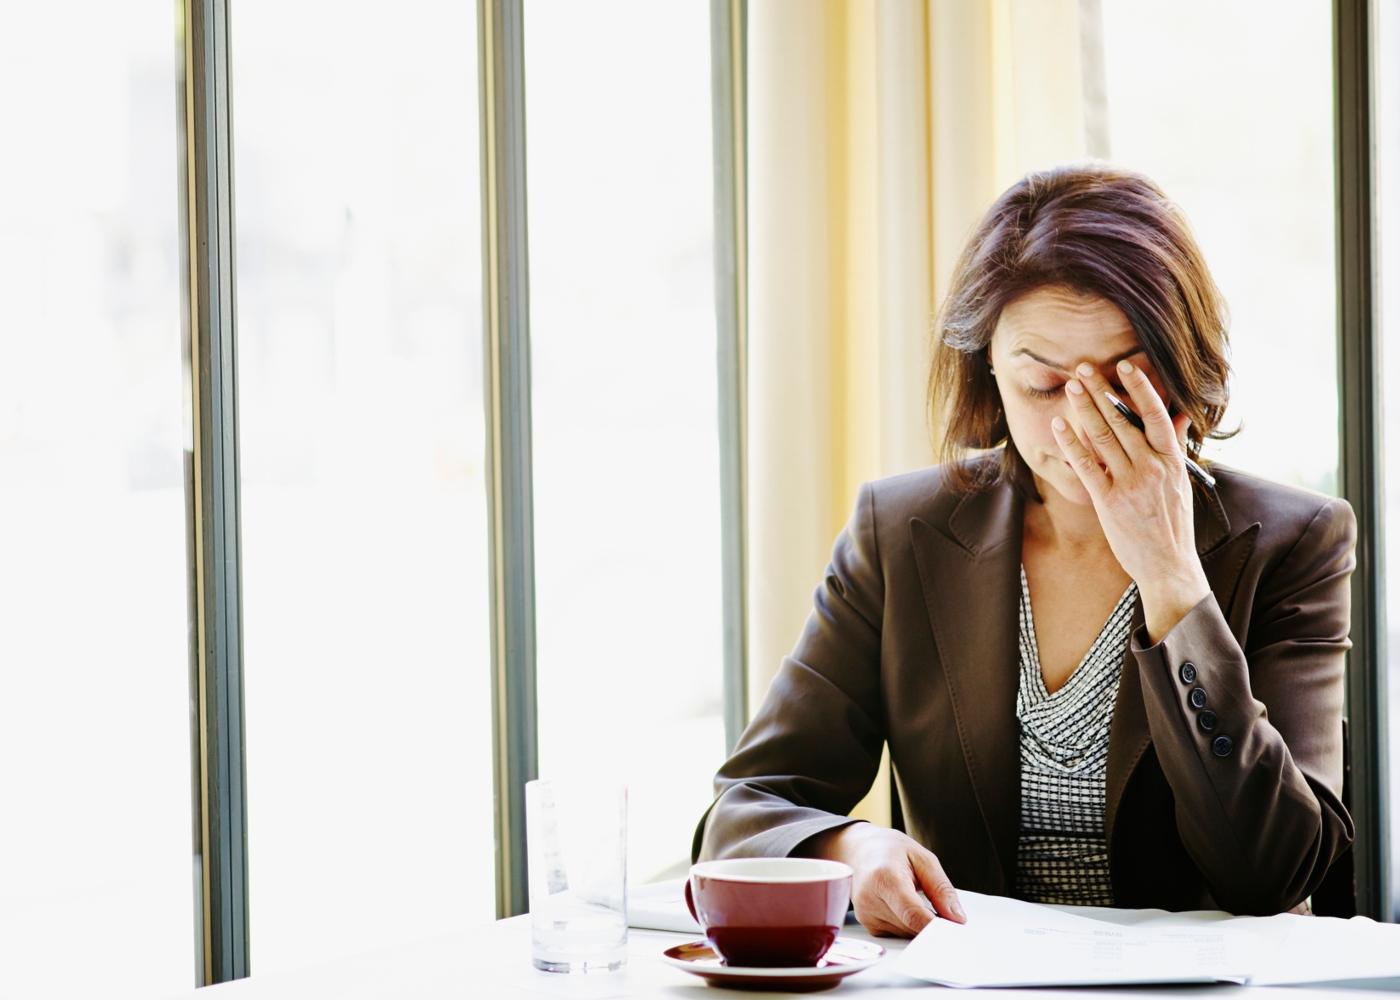 Sintomas da ansiedade: mulher preocupada com o trabalho